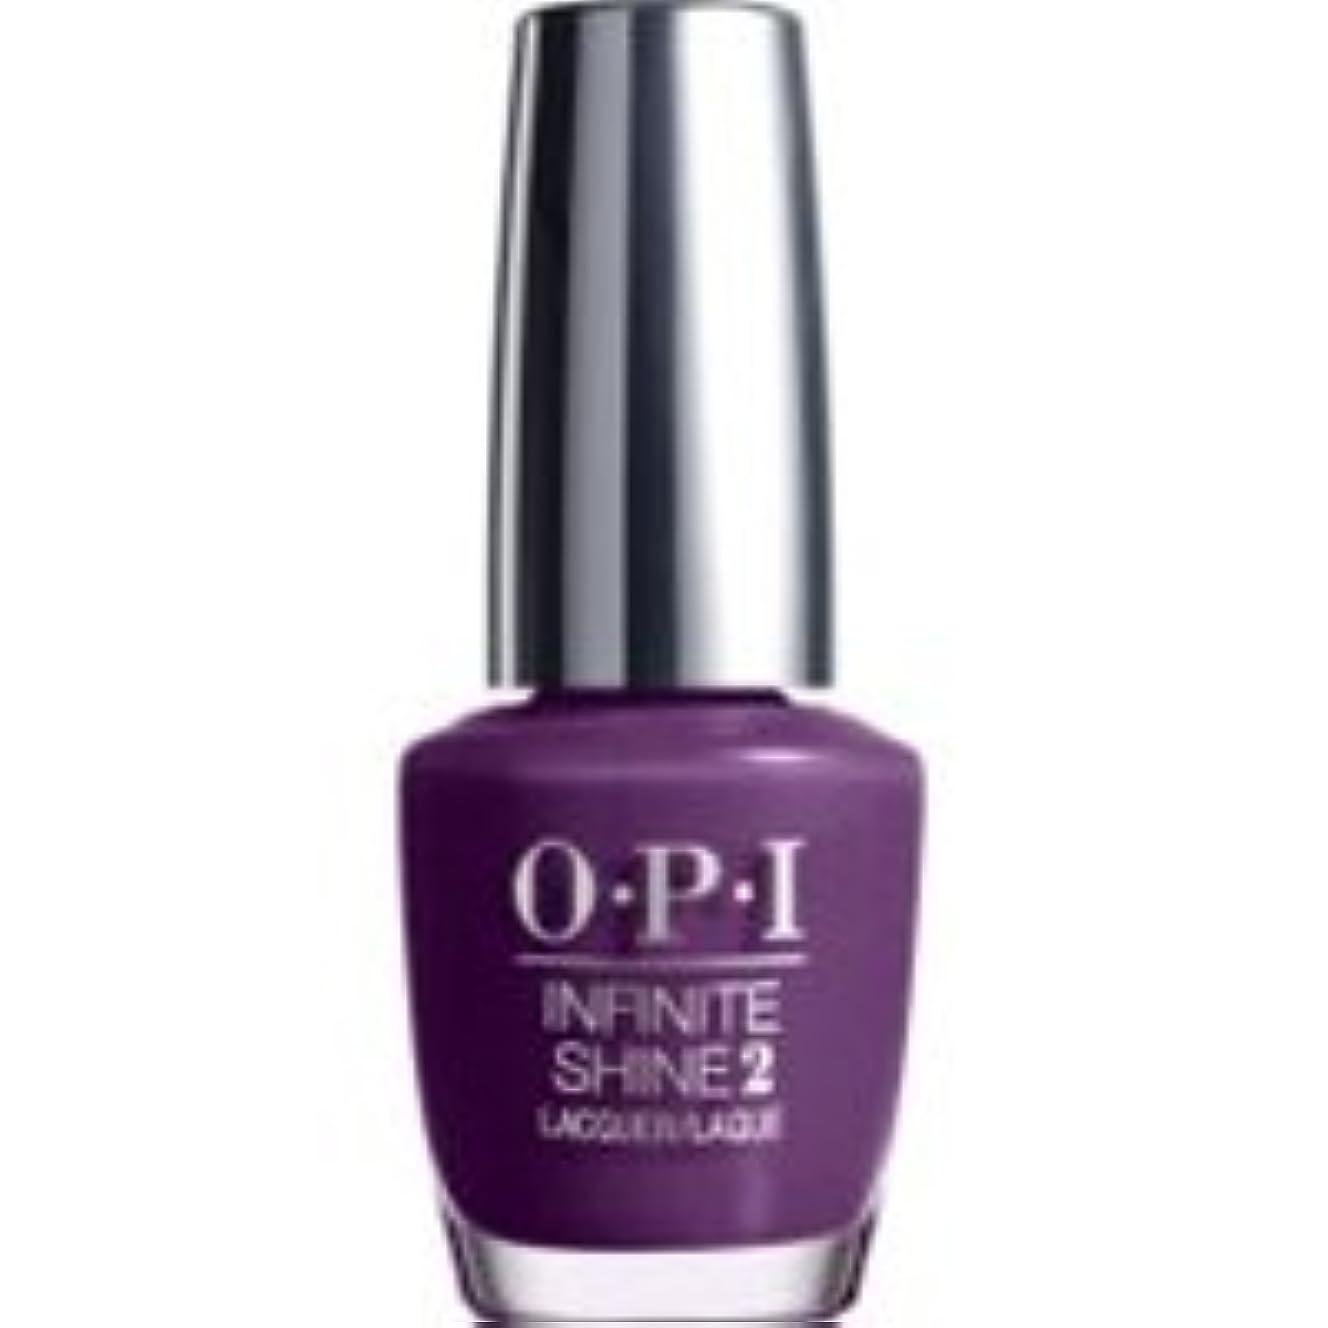 苦情文句パンツおじさんO.P.I IS L52 Endless Purple Pursuit(エンドレスパープルパースート) #Endless Purple Pursuit